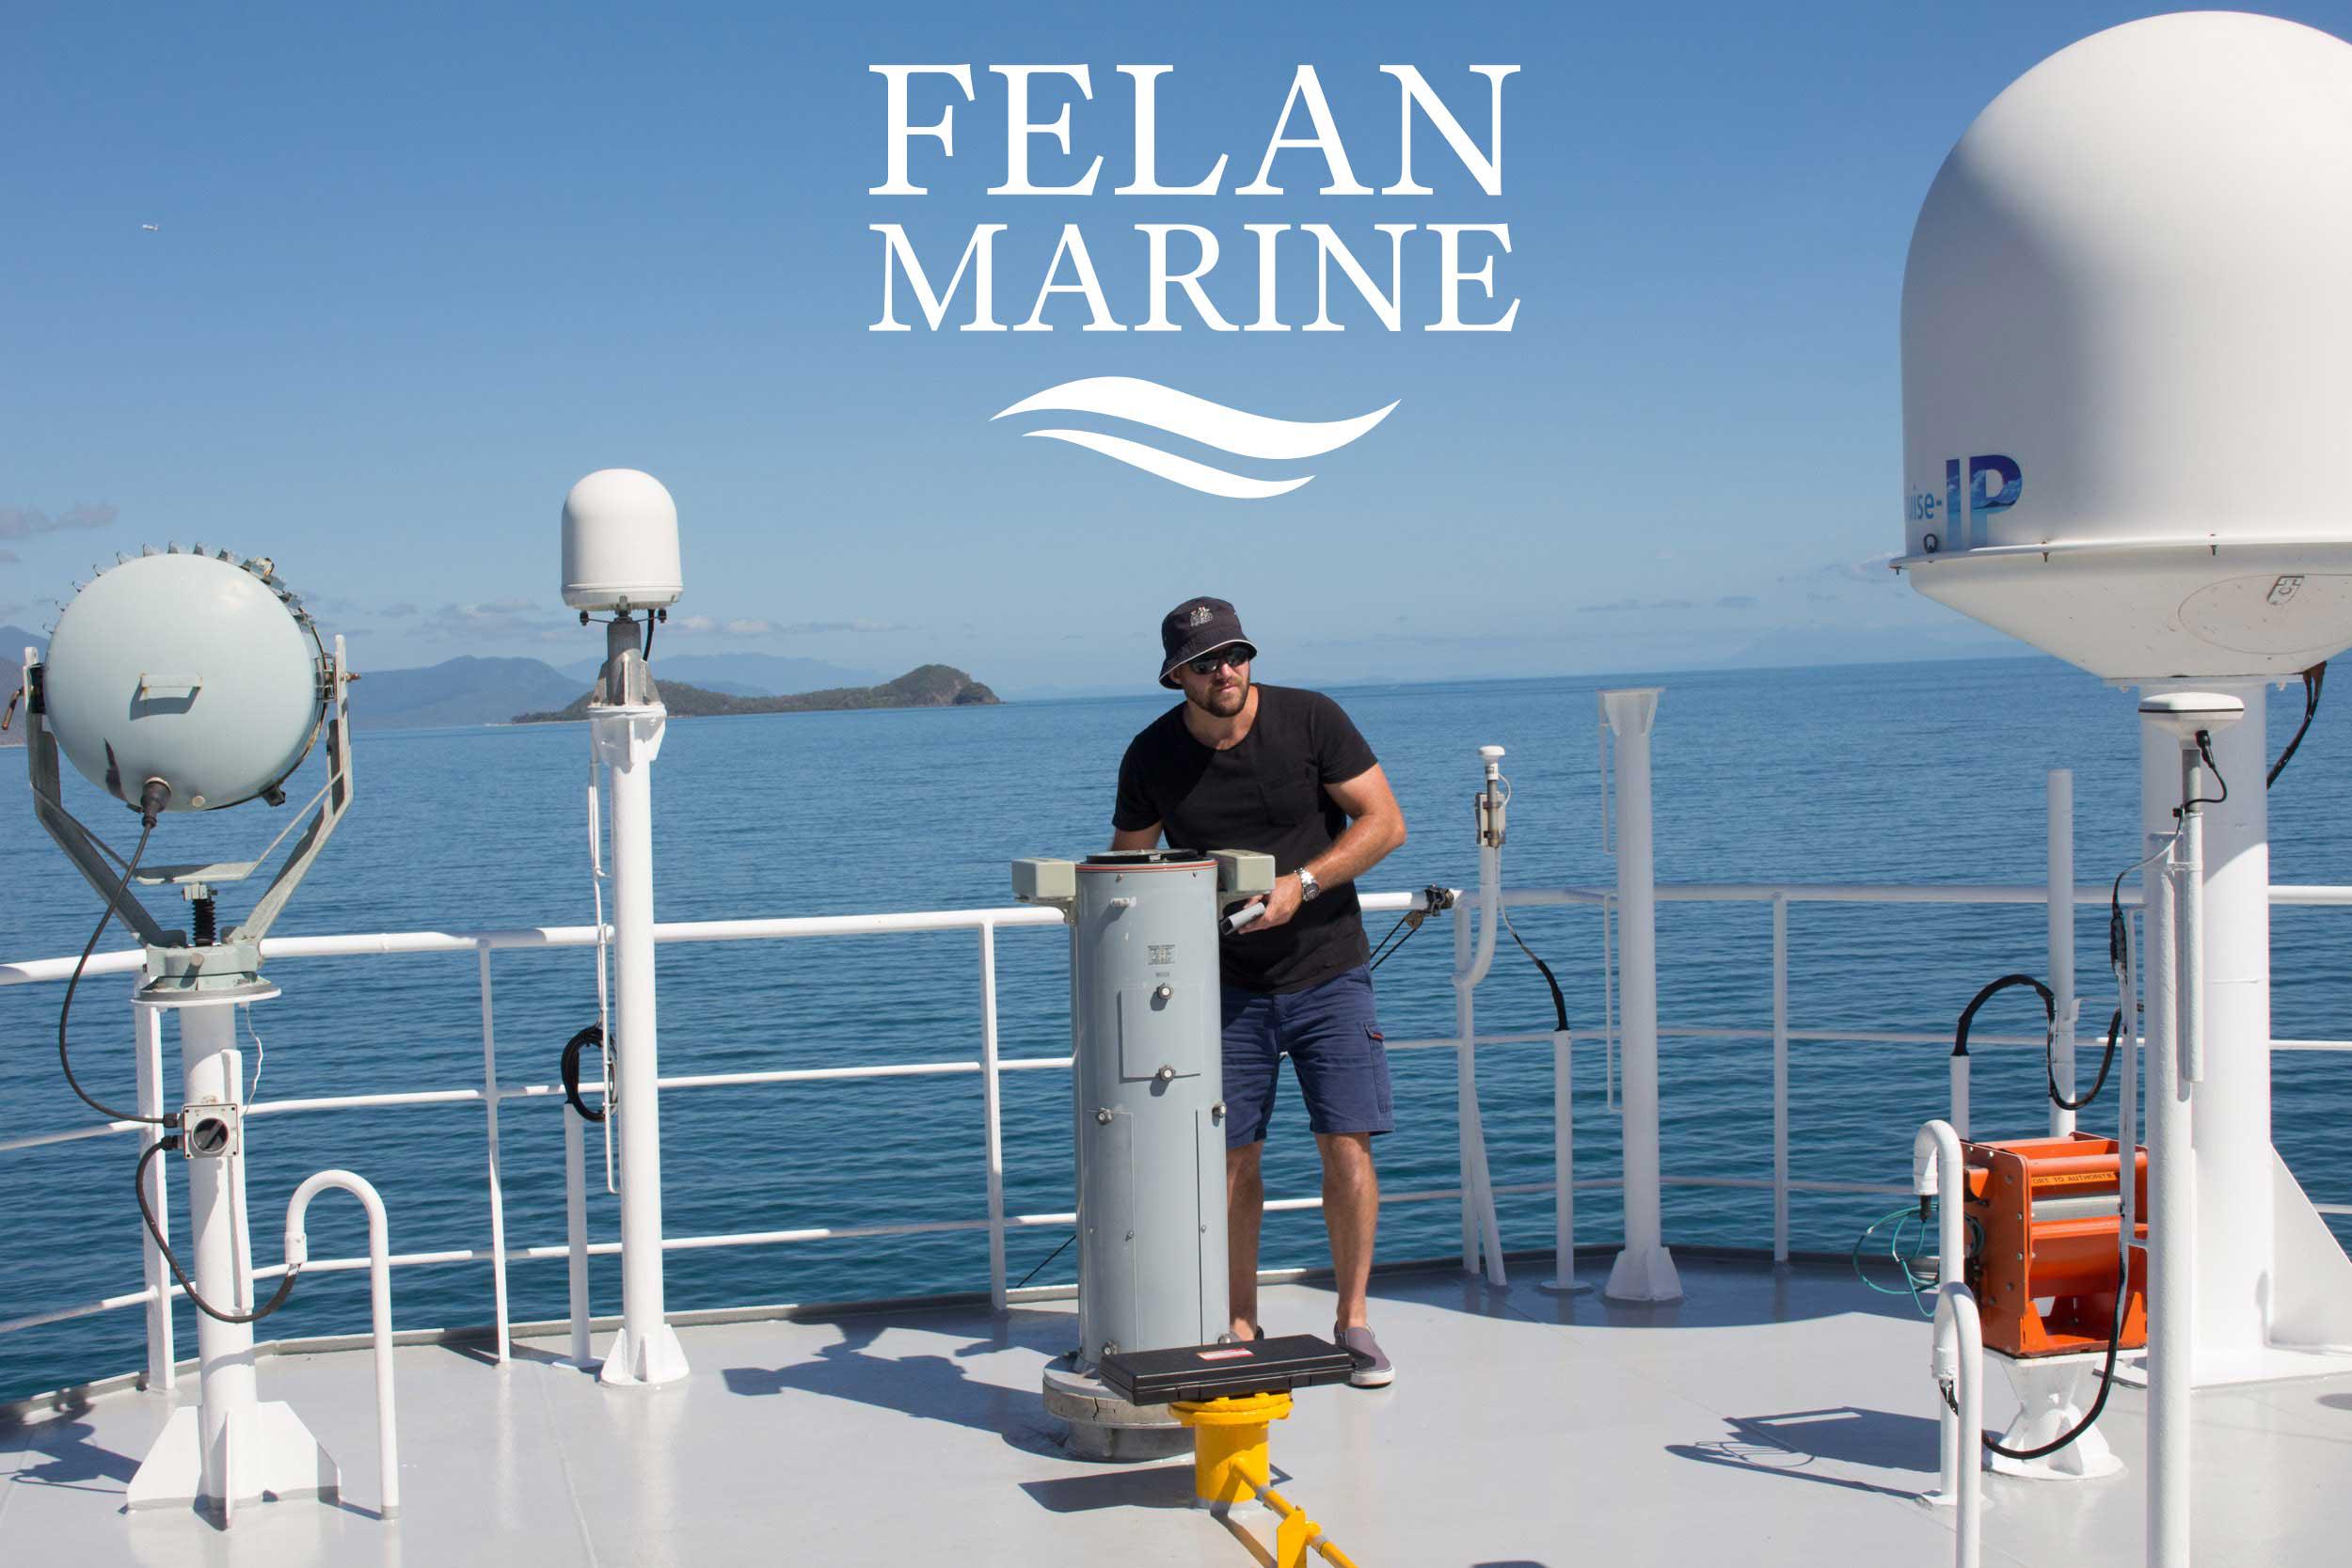 Felan Marine